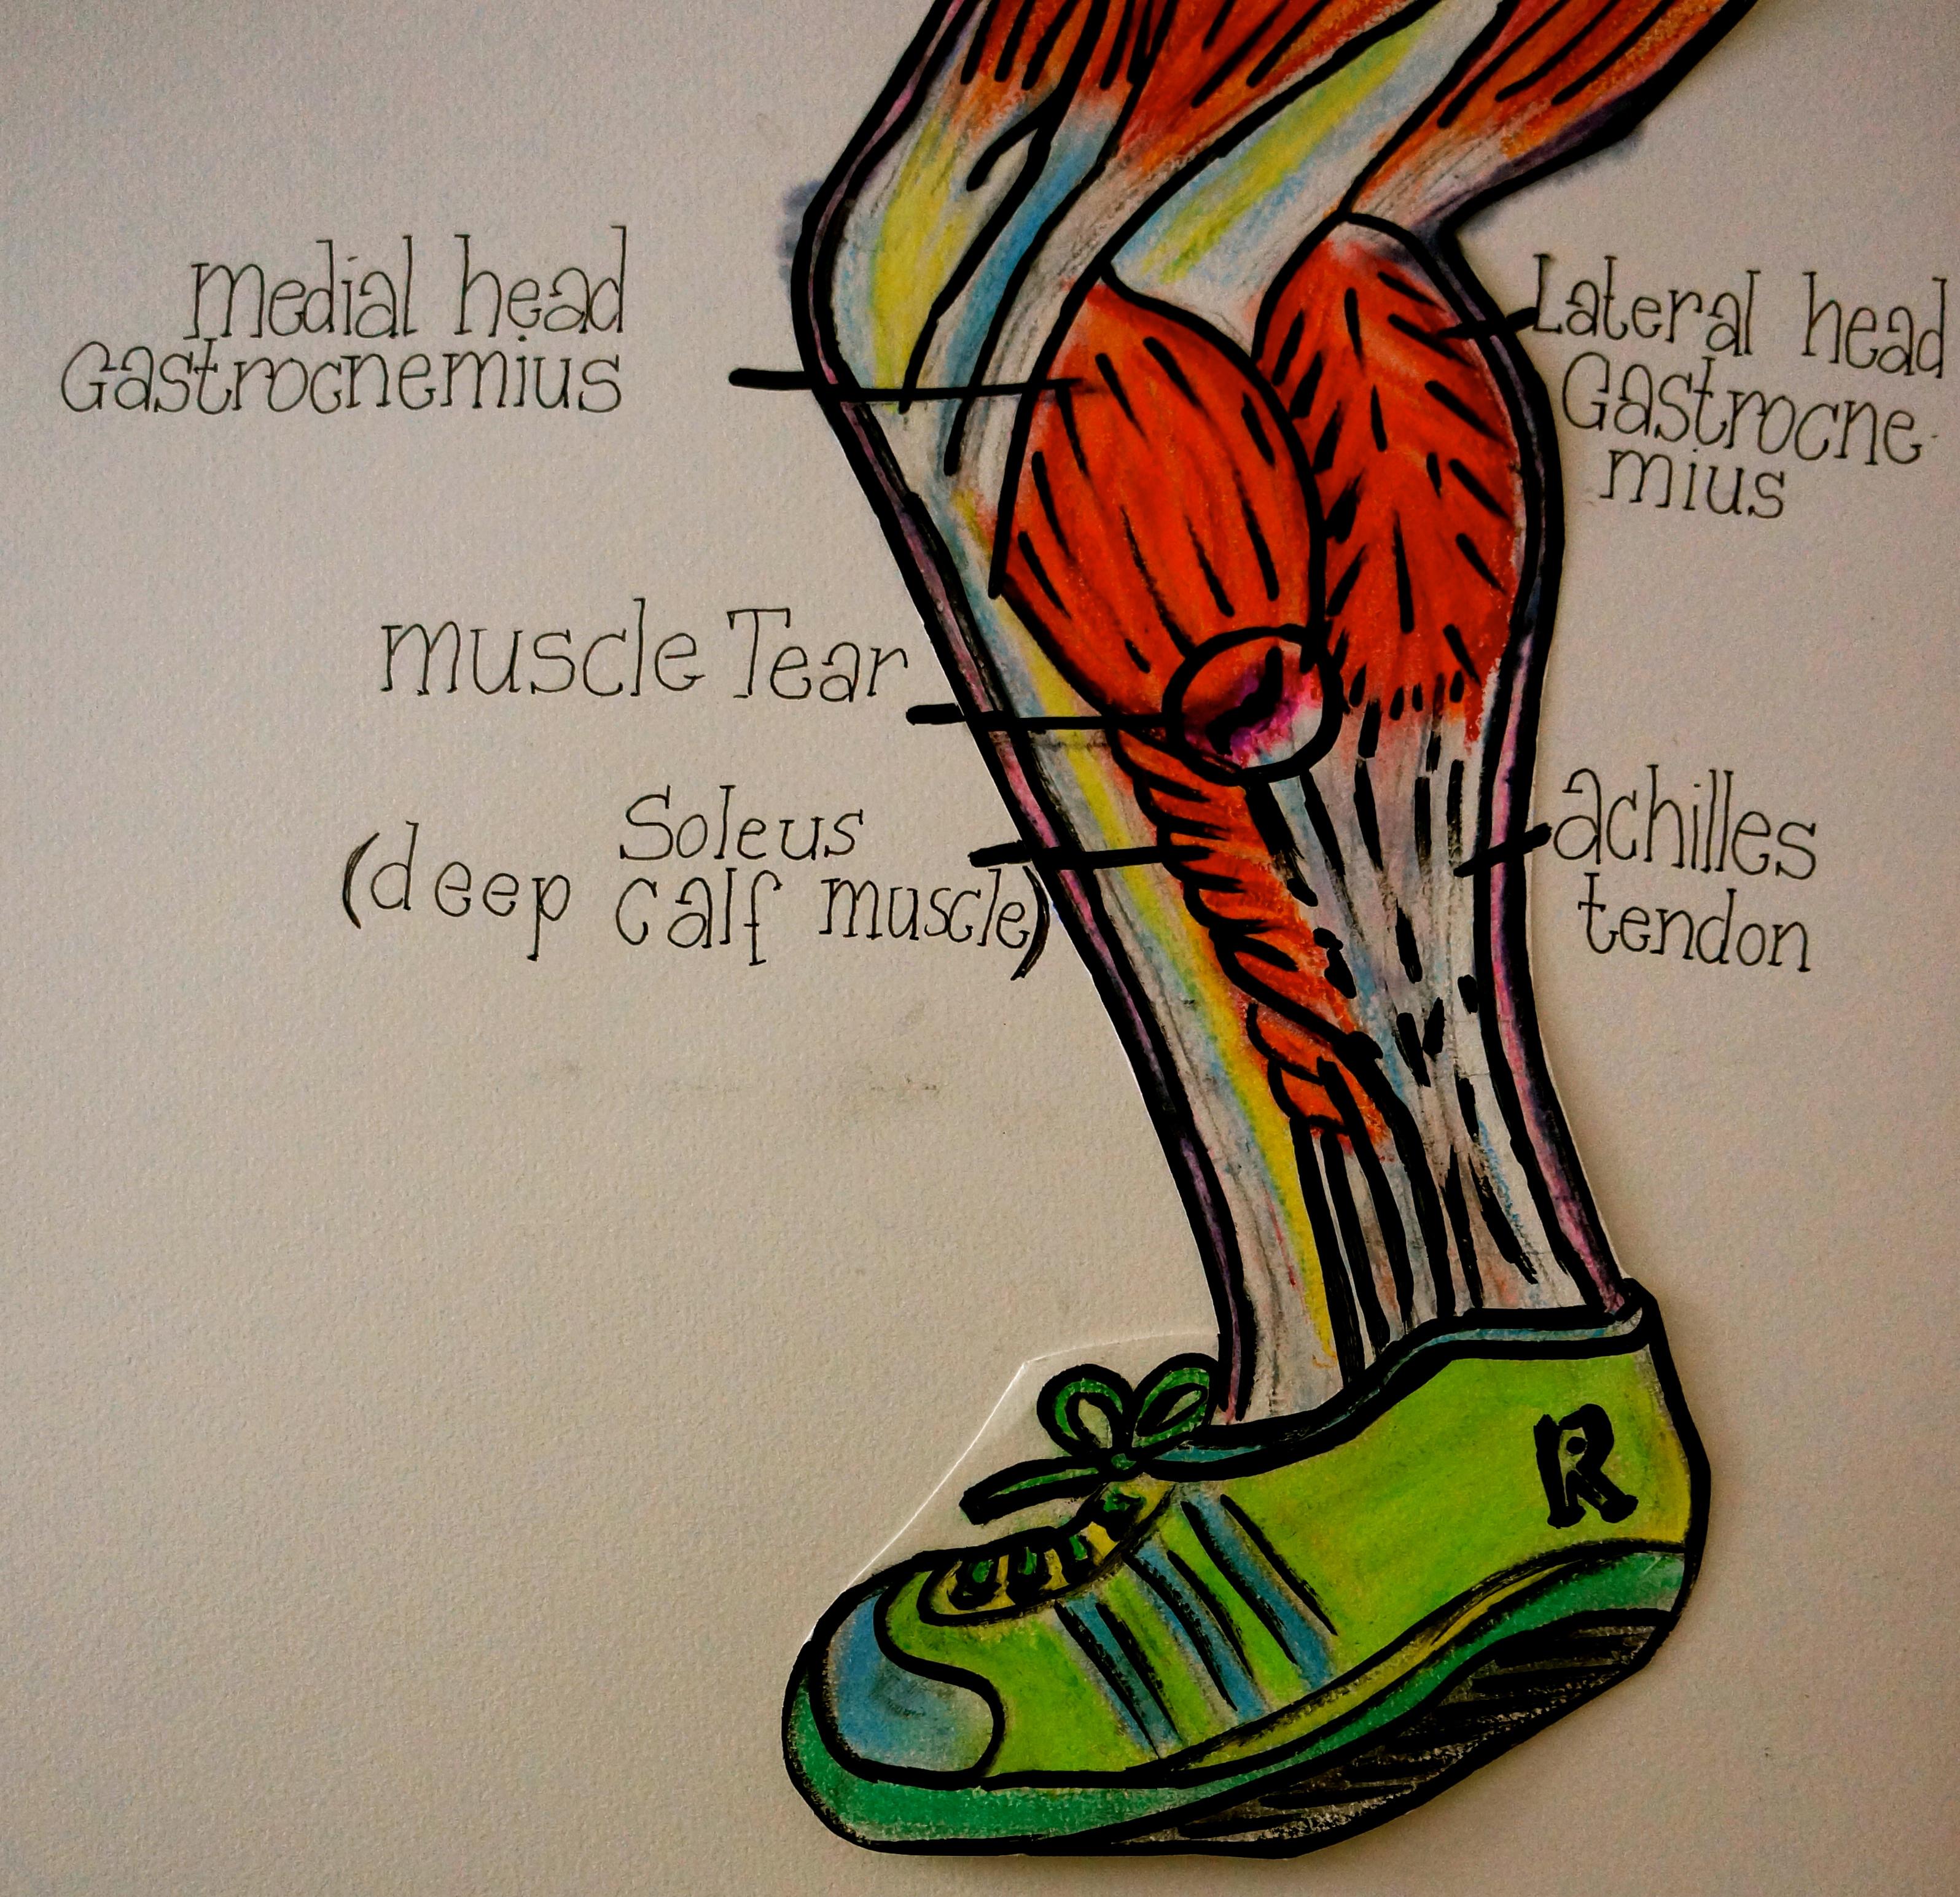 Muscle Tear In The Calf Physio Erinn